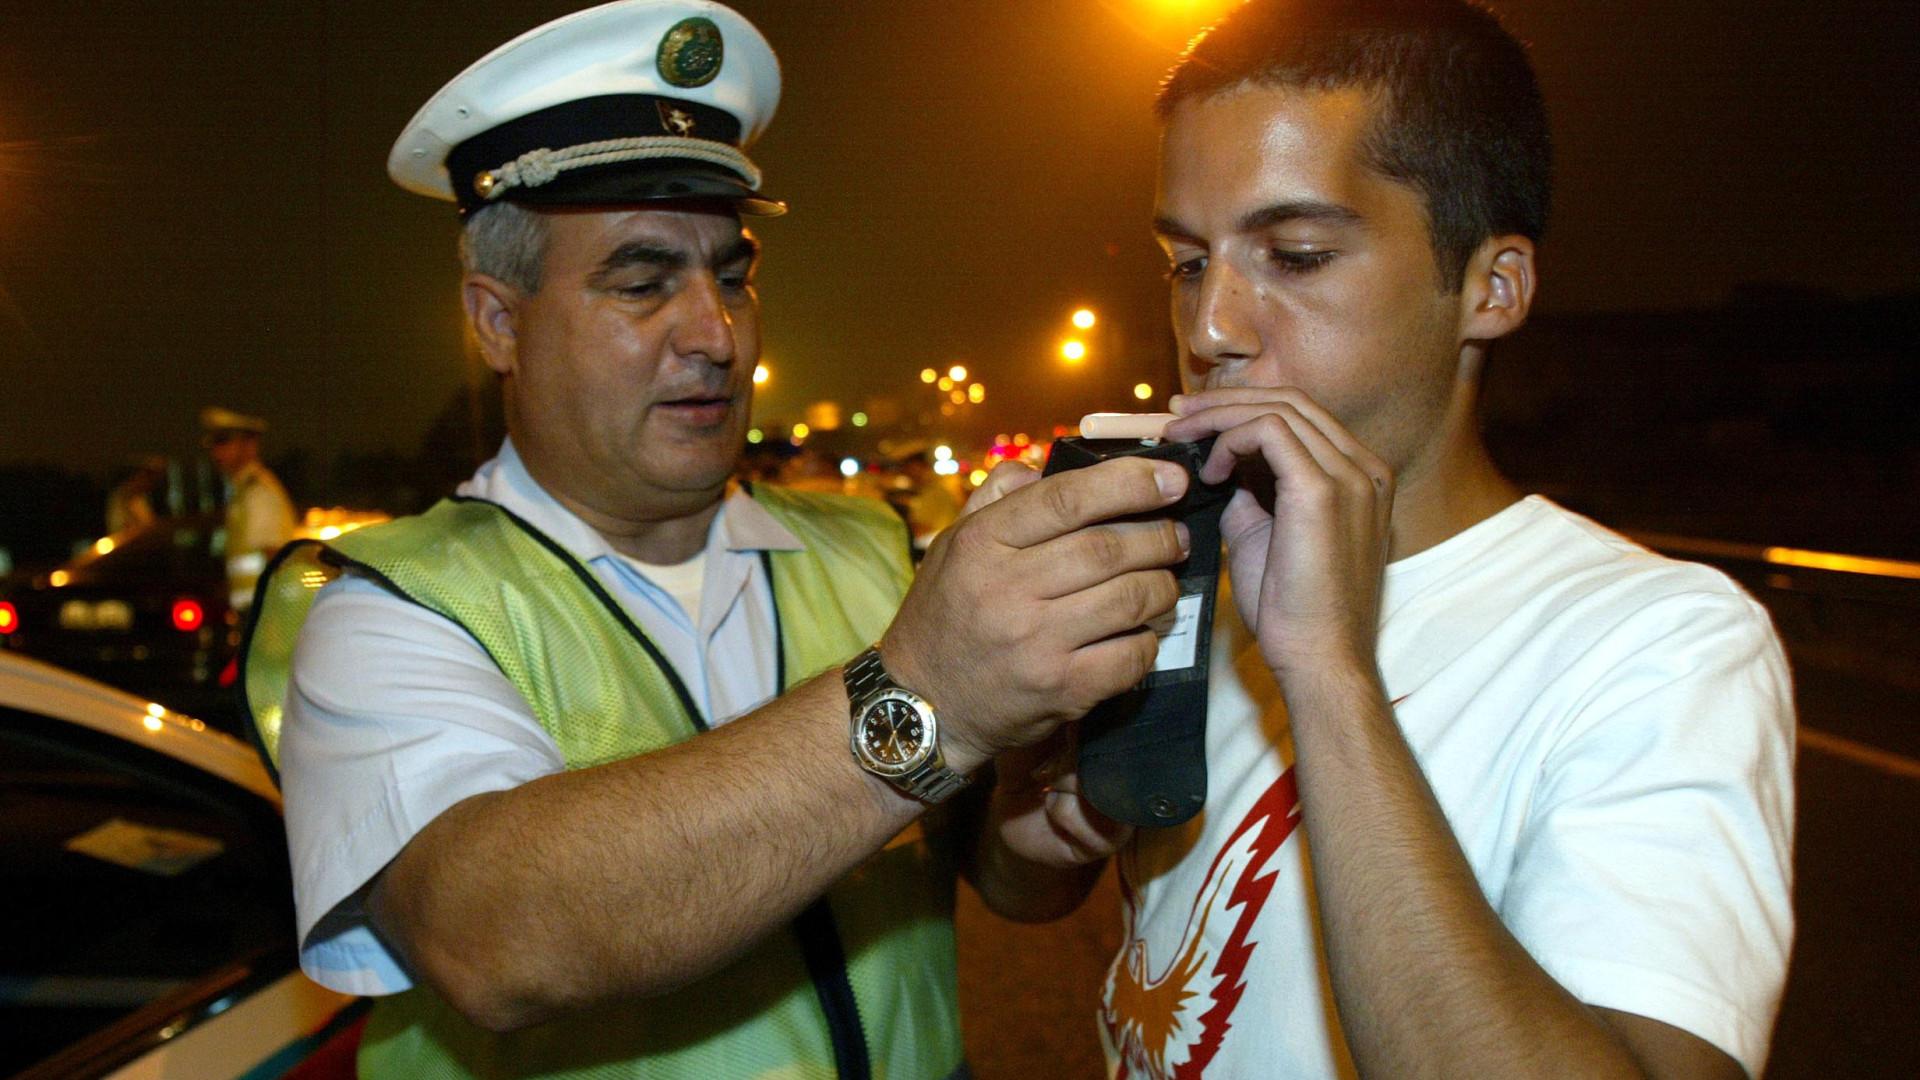 Condutores jovens cada vez com mais excesso de álcool no sangue